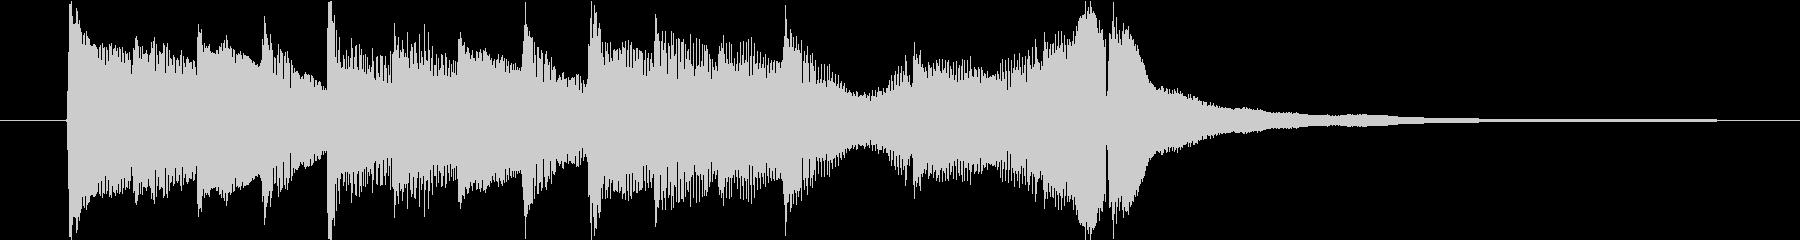 アコギとピアノで奏でるジングル#2の未再生の波形